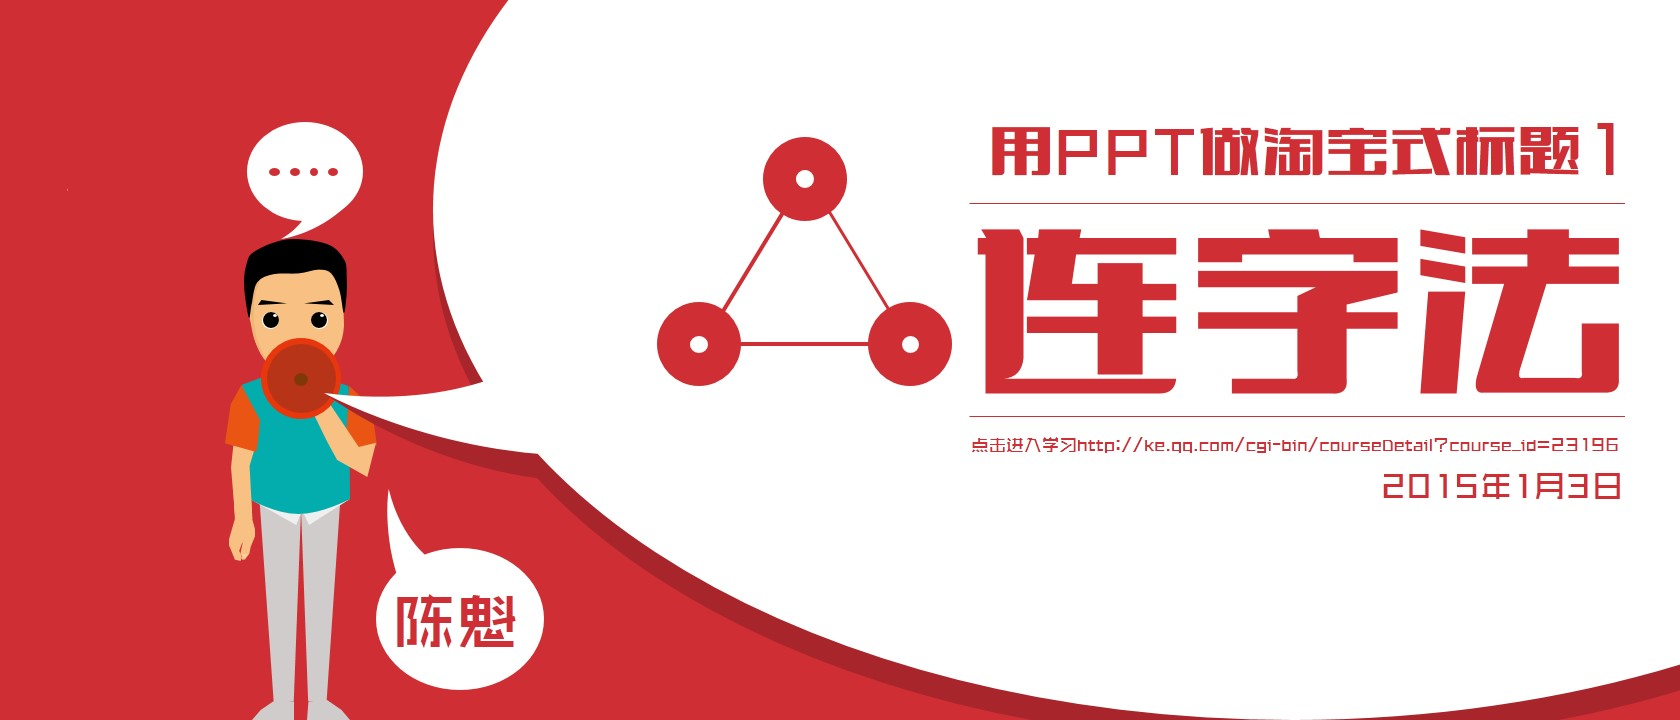 年度工作总结创意字体PPT模板